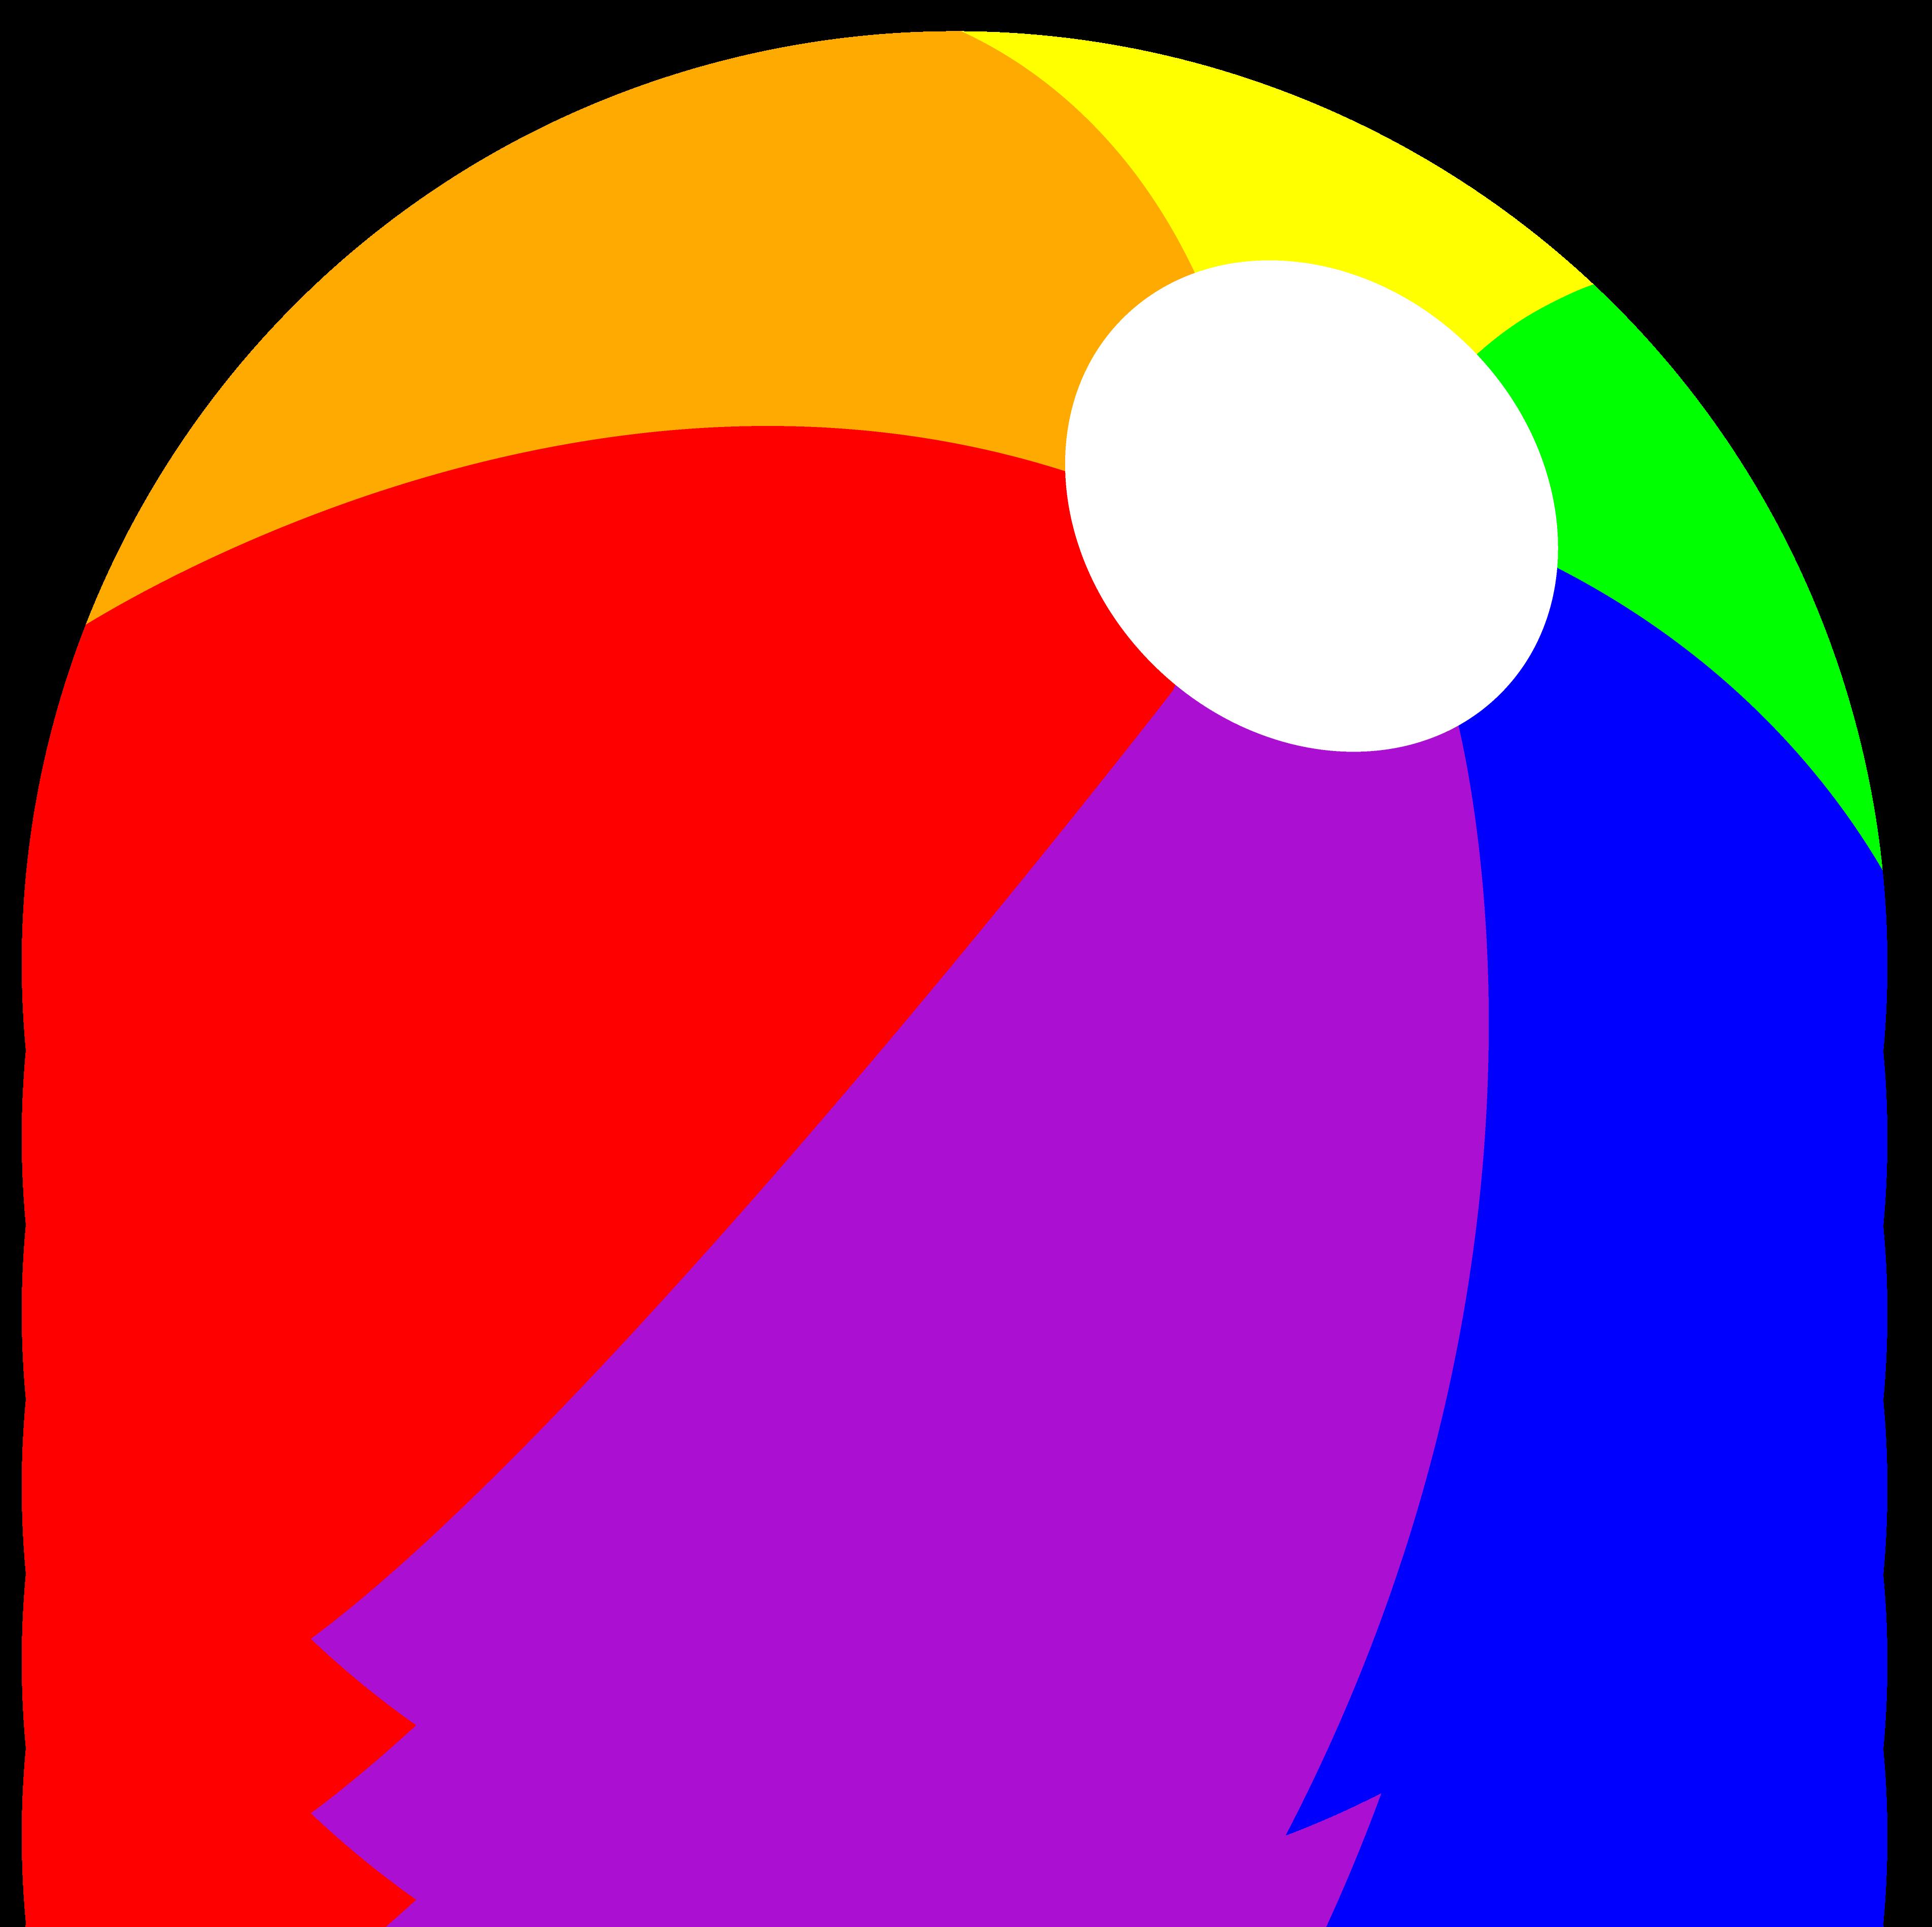 Clip Art Ball-Clip Art Ball-12